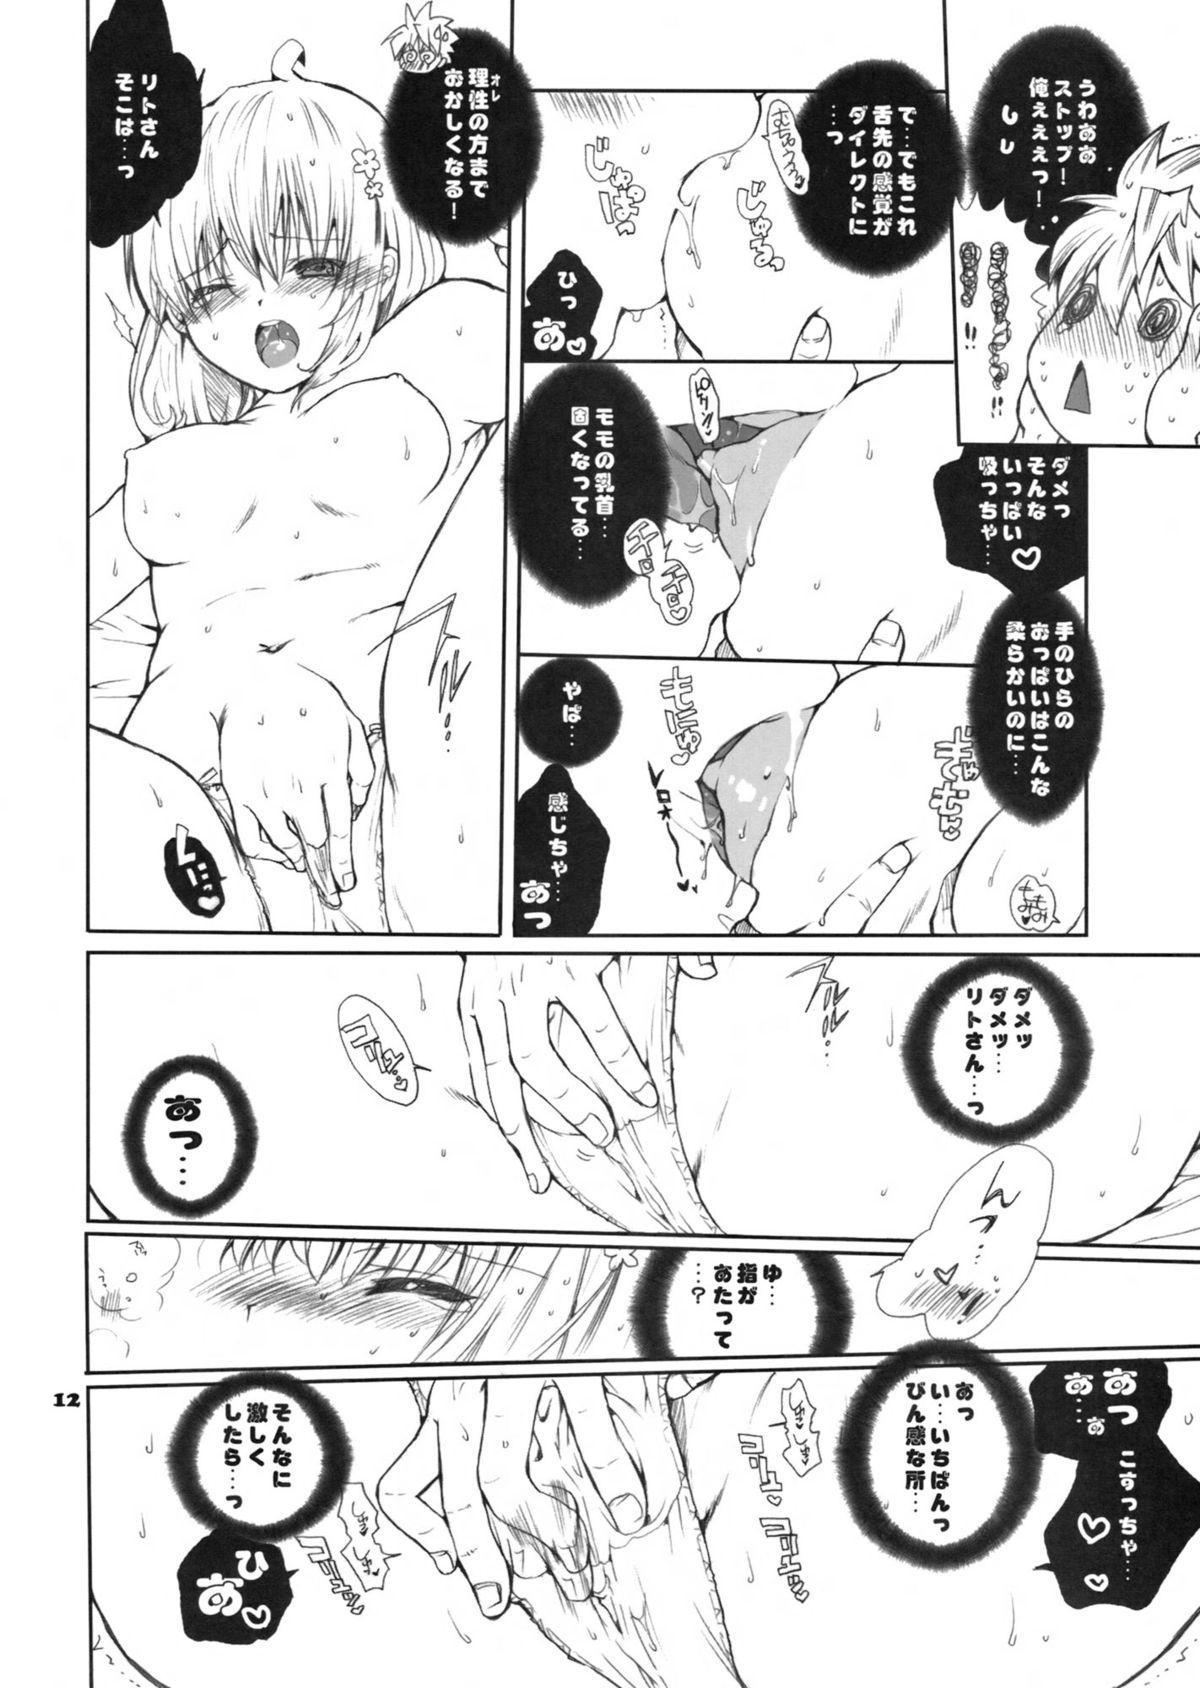 Momo no Harem Daisakusen 10